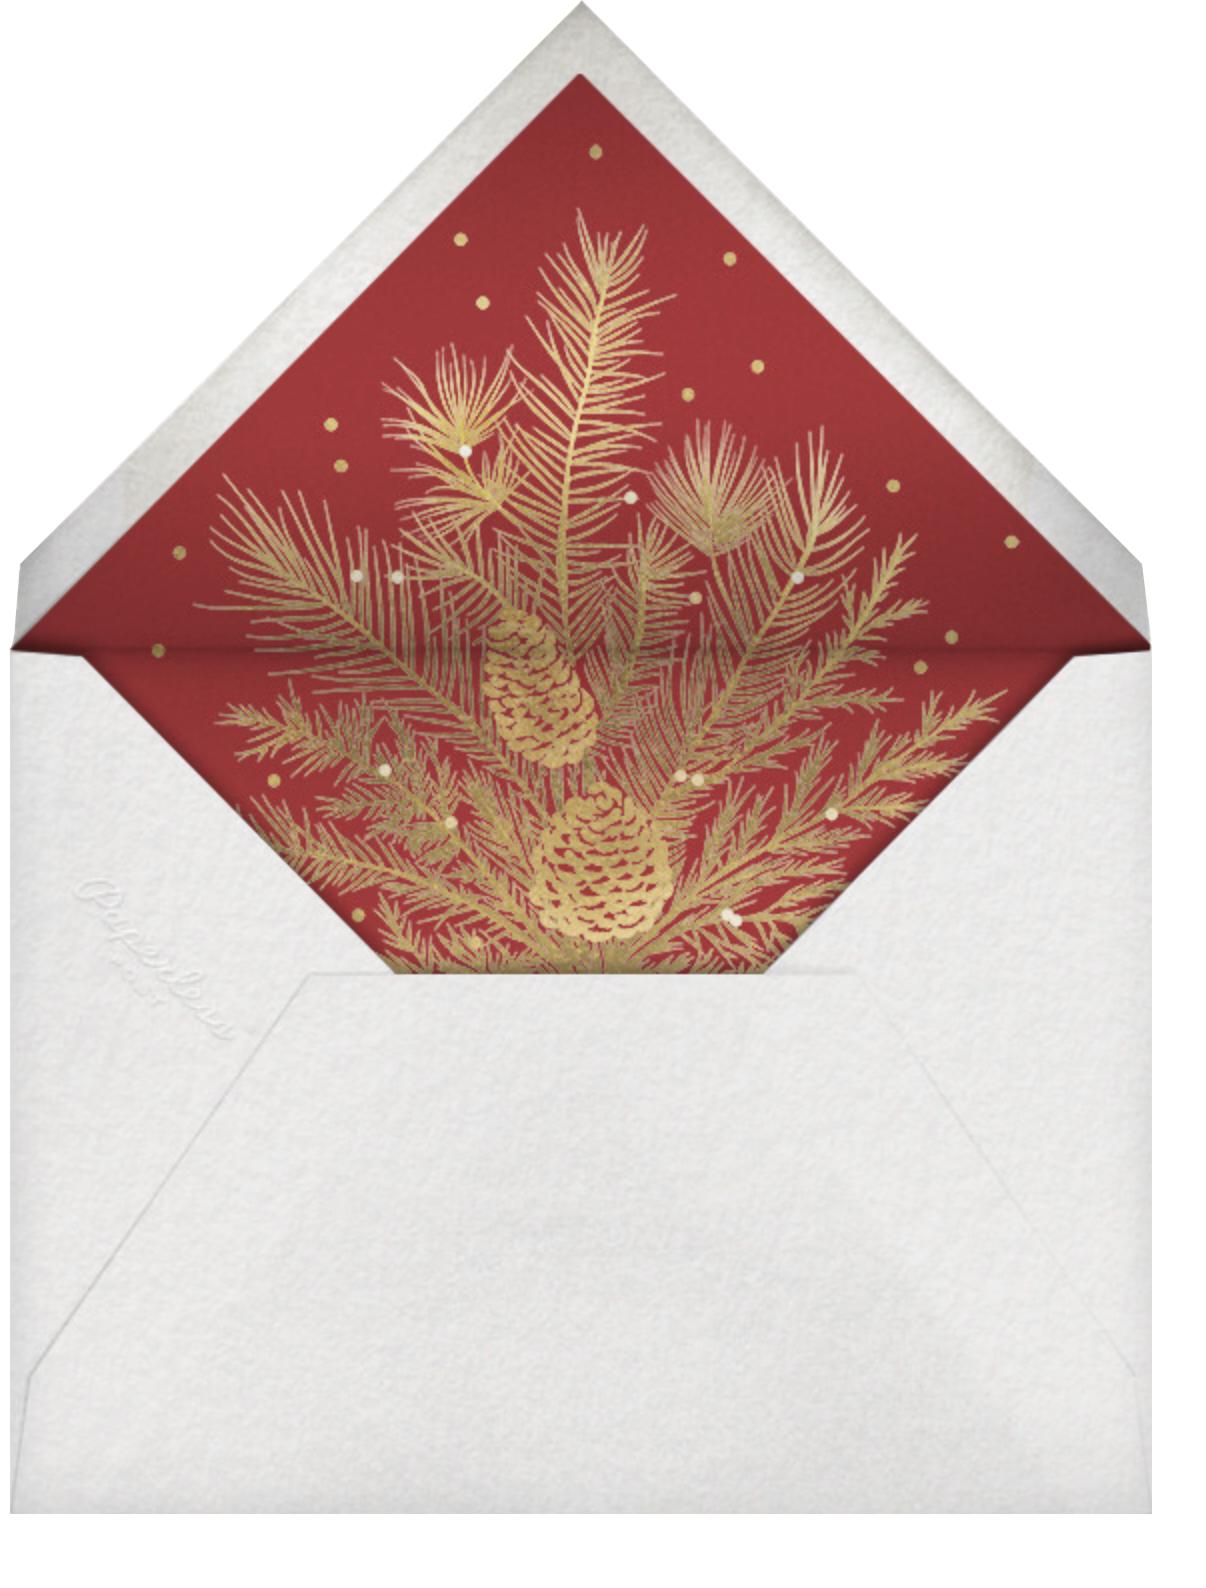 Yule-tied (Multi-Photo) - Paperless Post - Envelope